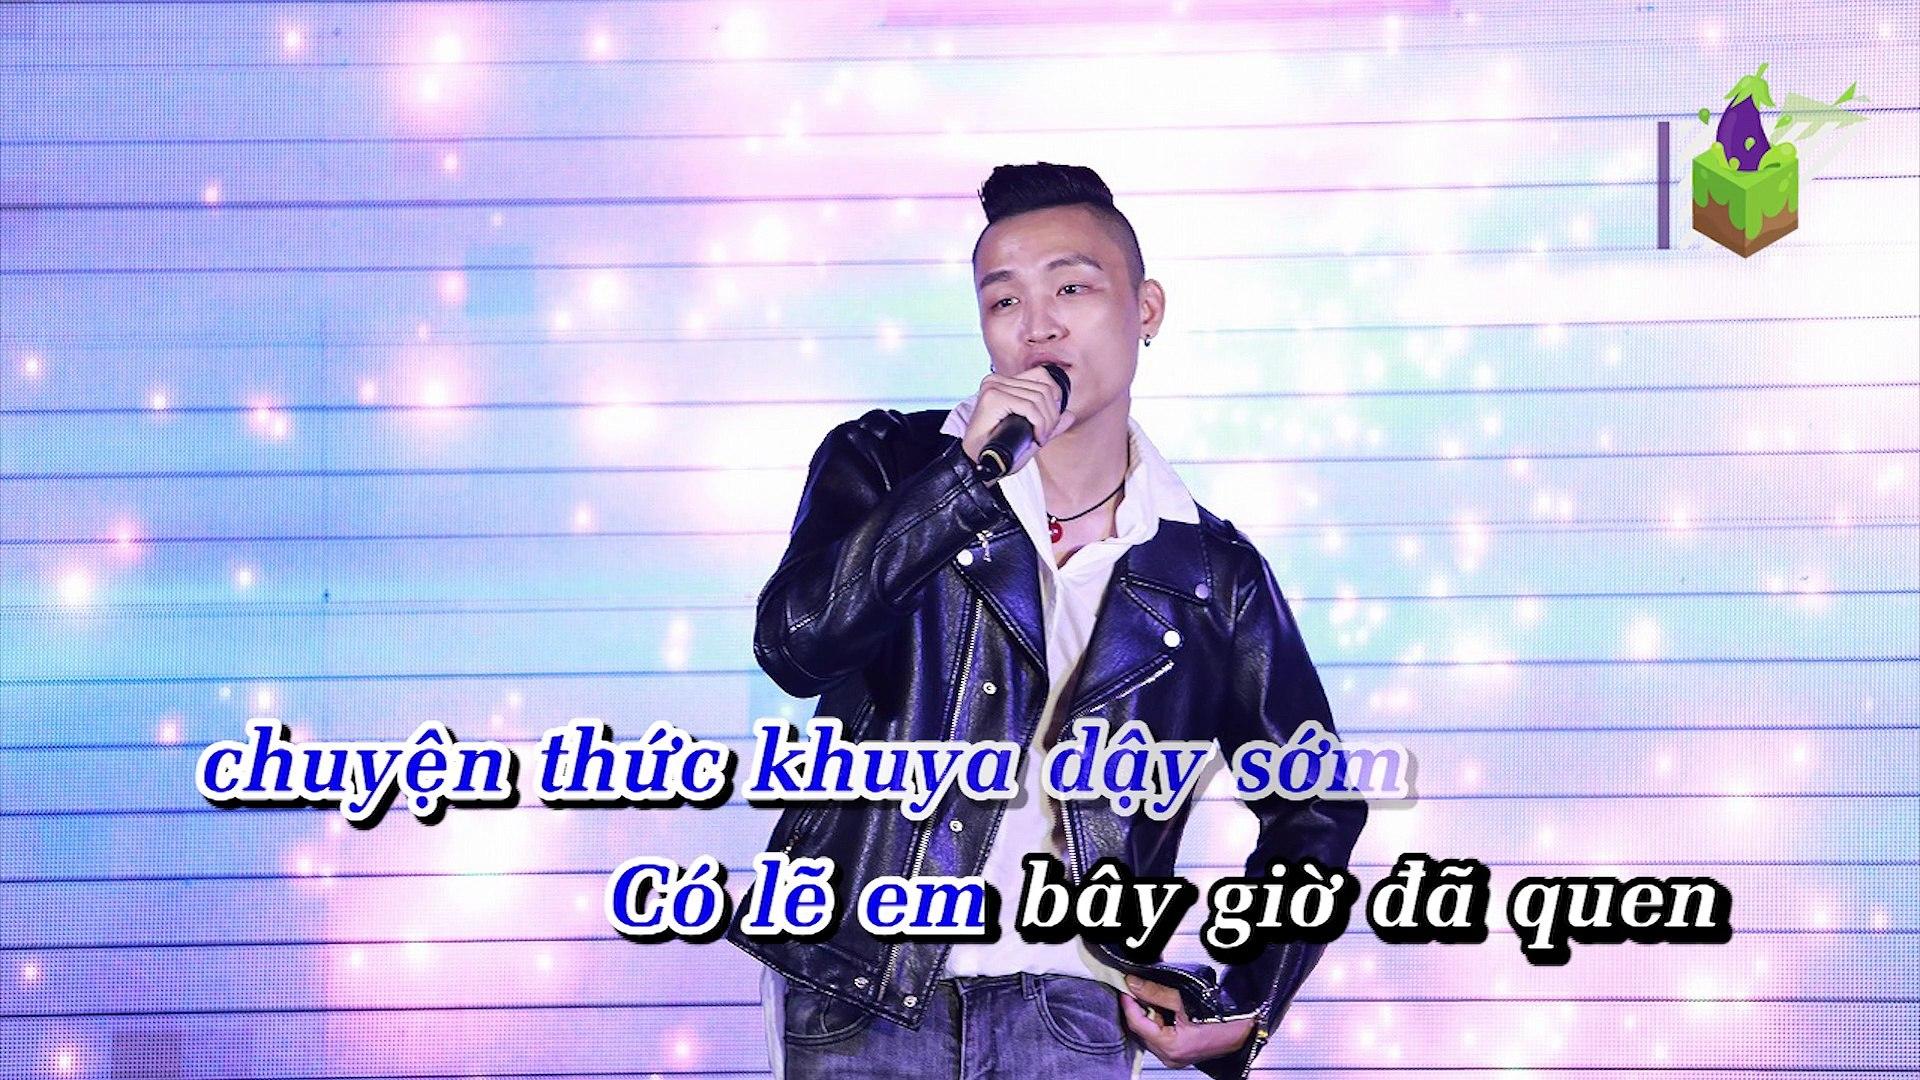 [Karaoke] Chờ Đợi Một Người Quá Khó Phải Không - Việt Thắng Idol [Beat]